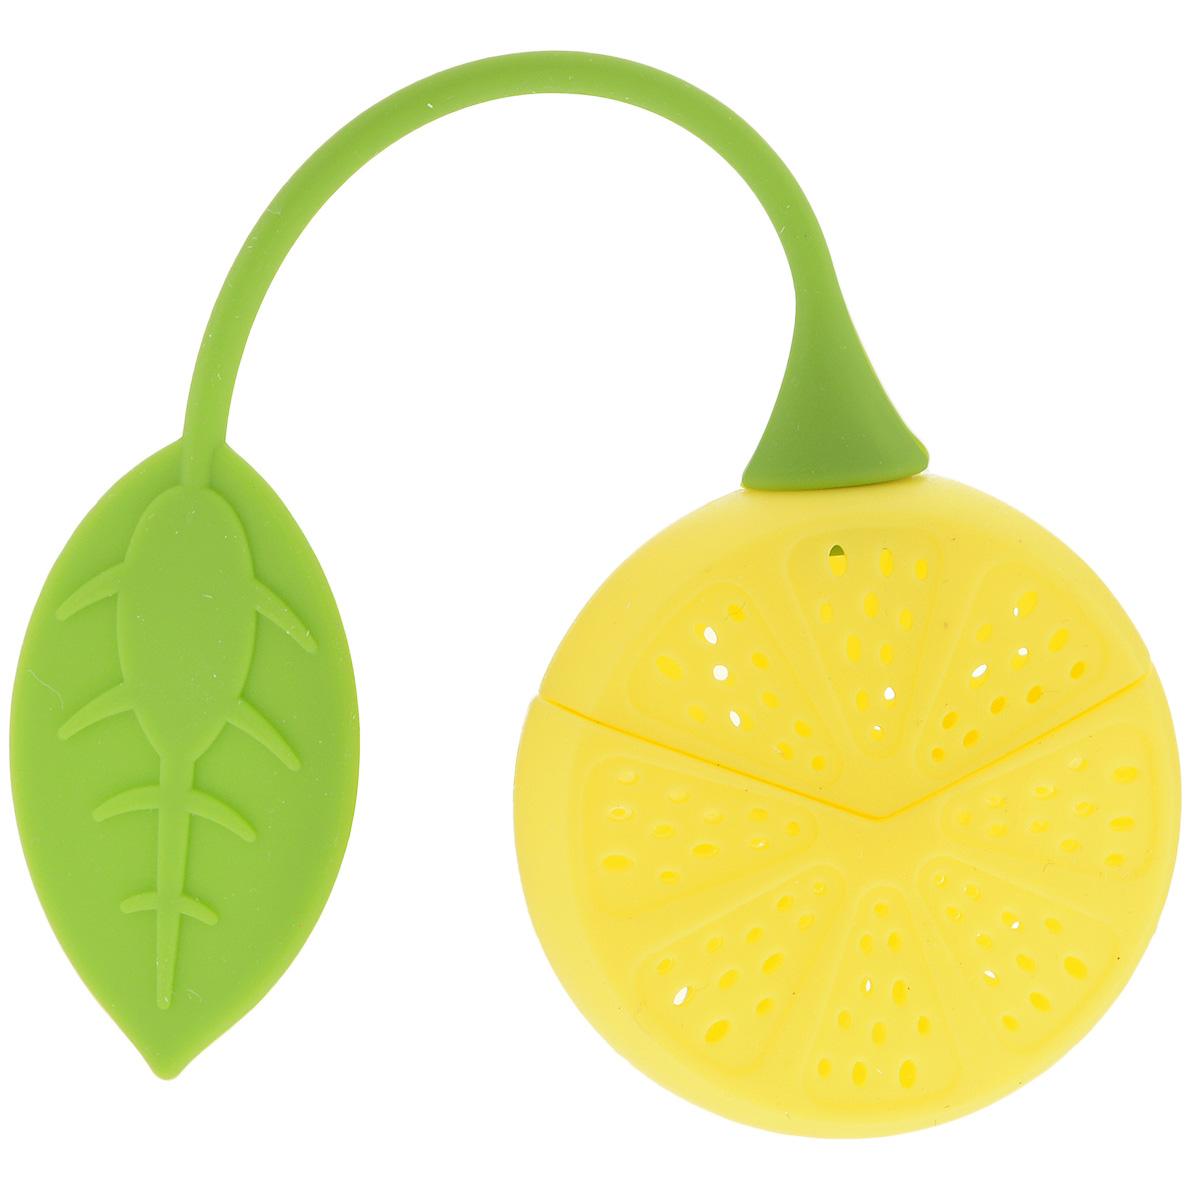 Ситечко для чая Marmiton Лимон, цвет: желтый, зеленый ситечко для чая hot contents с бамбуковой ручкой 5 5 см